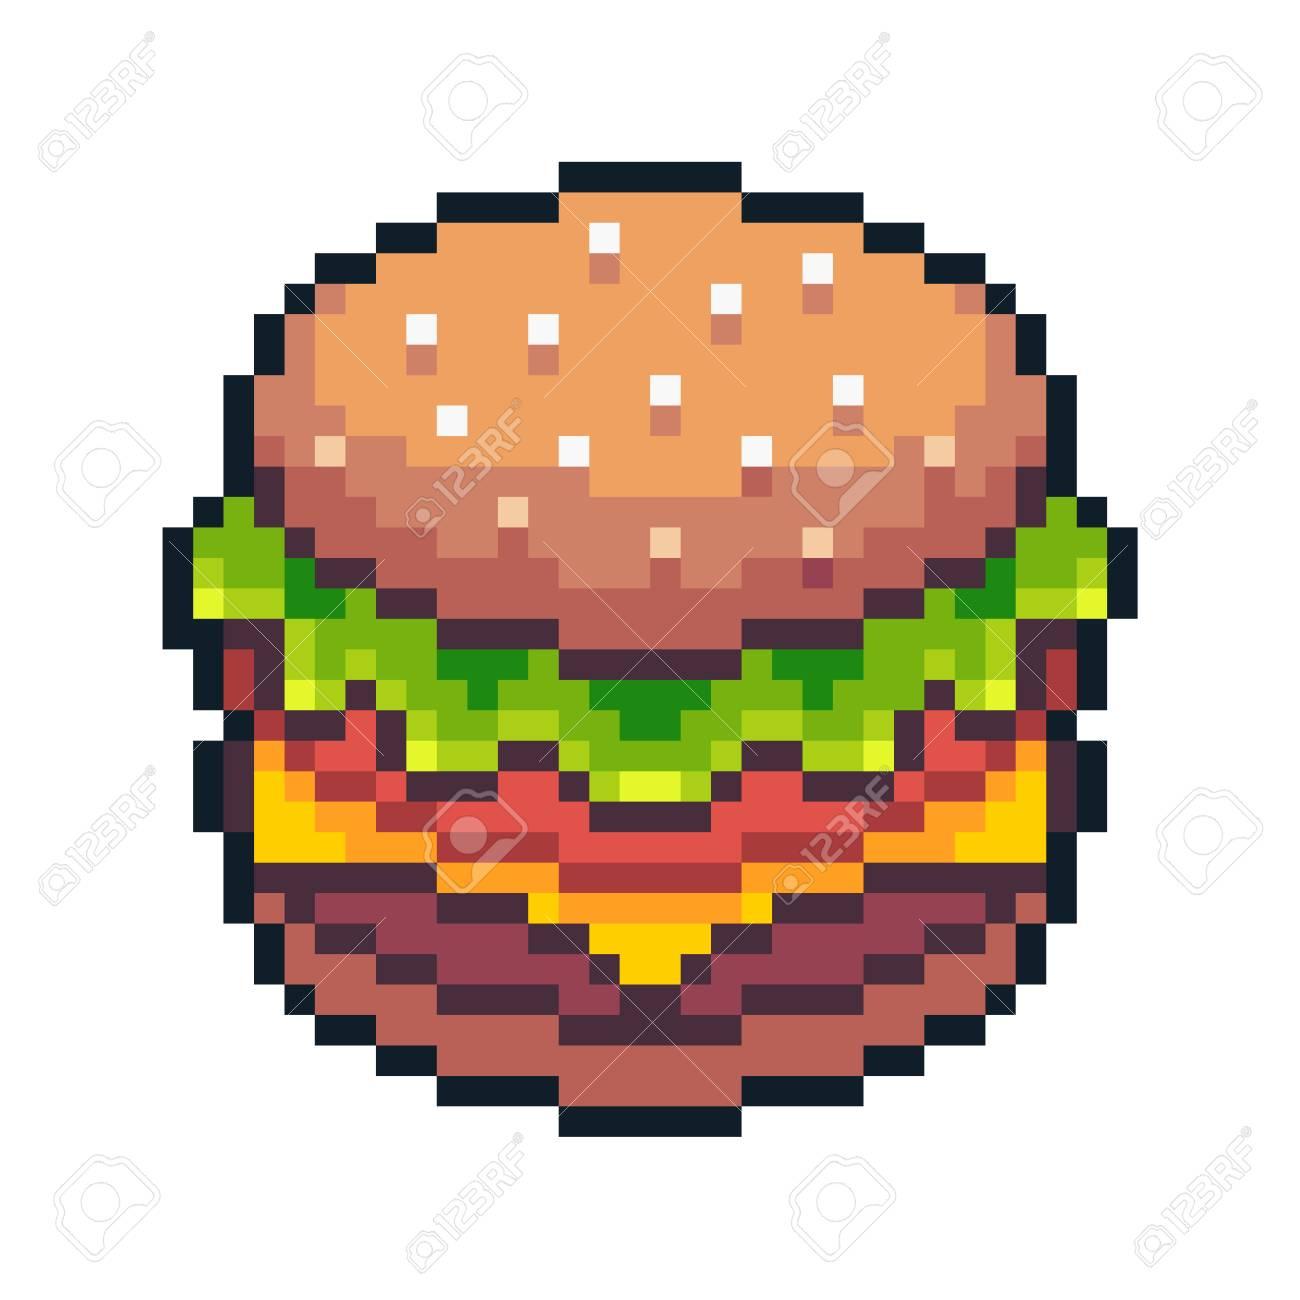 Pixel Art Hamburger Isolated On White Background